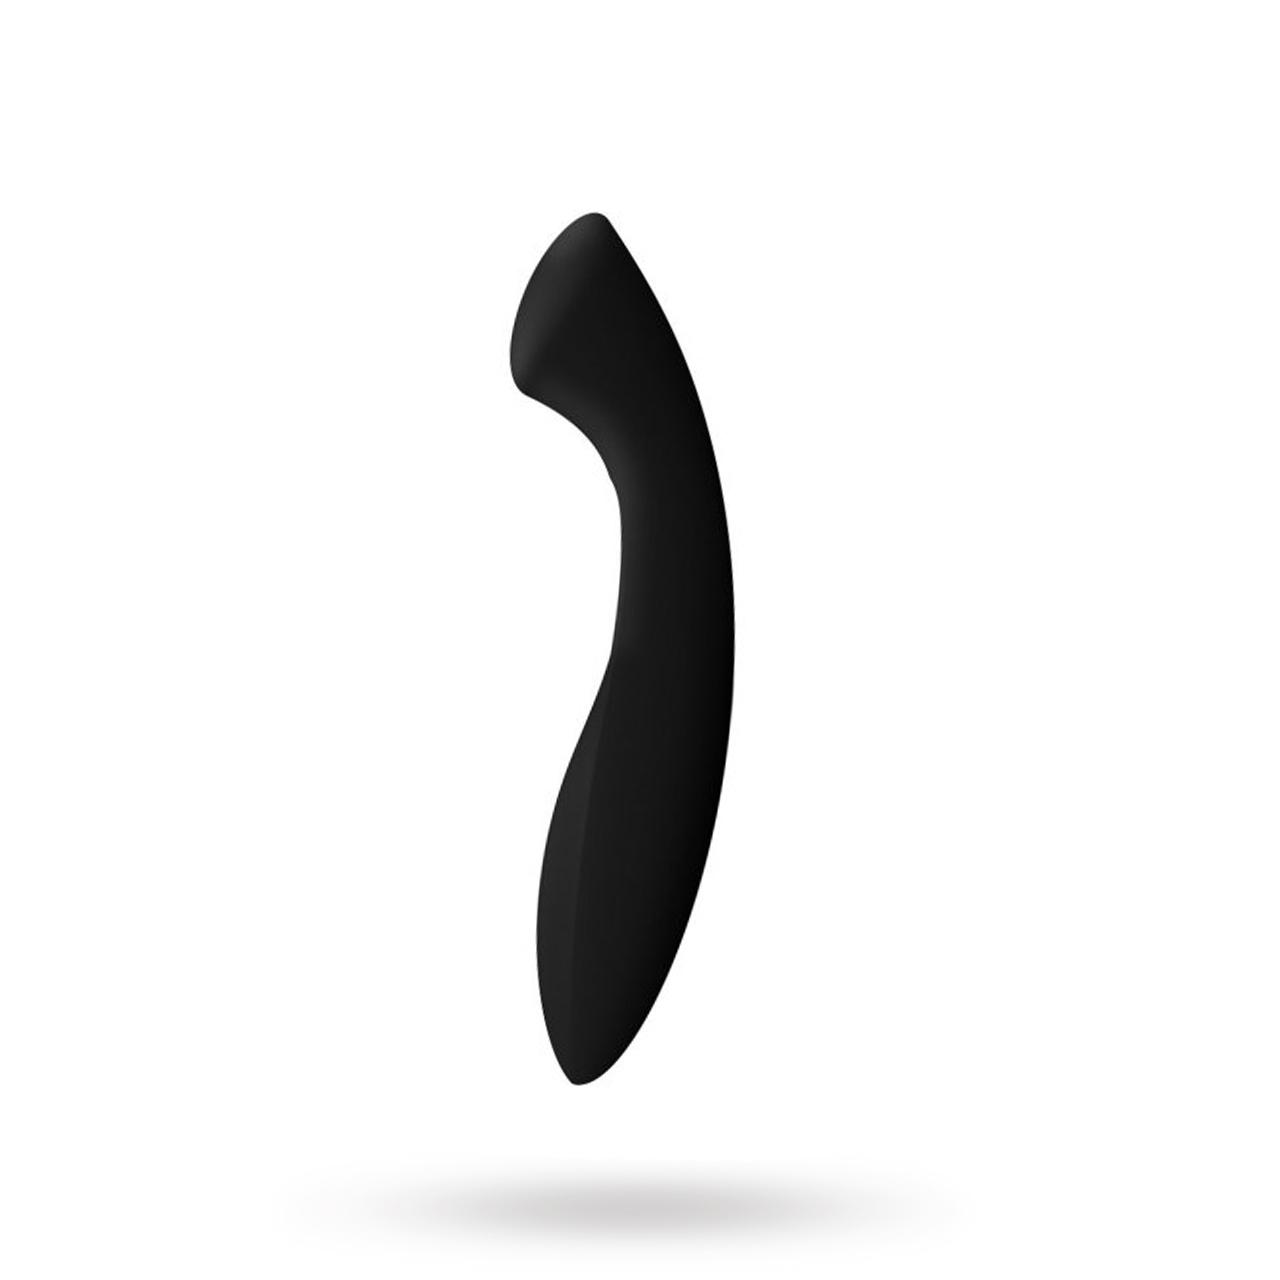 Ella G-punktsstav - Svart   SEXLEKSAKER, MEST FÖR HENNE, Dildos & Dongar, icke-realistiska Dildos, INSPIRATION, FAVORITER TILL HENNE, G-punktsstimulans, Brands, LELO   Intimast.se - Sexleksaker